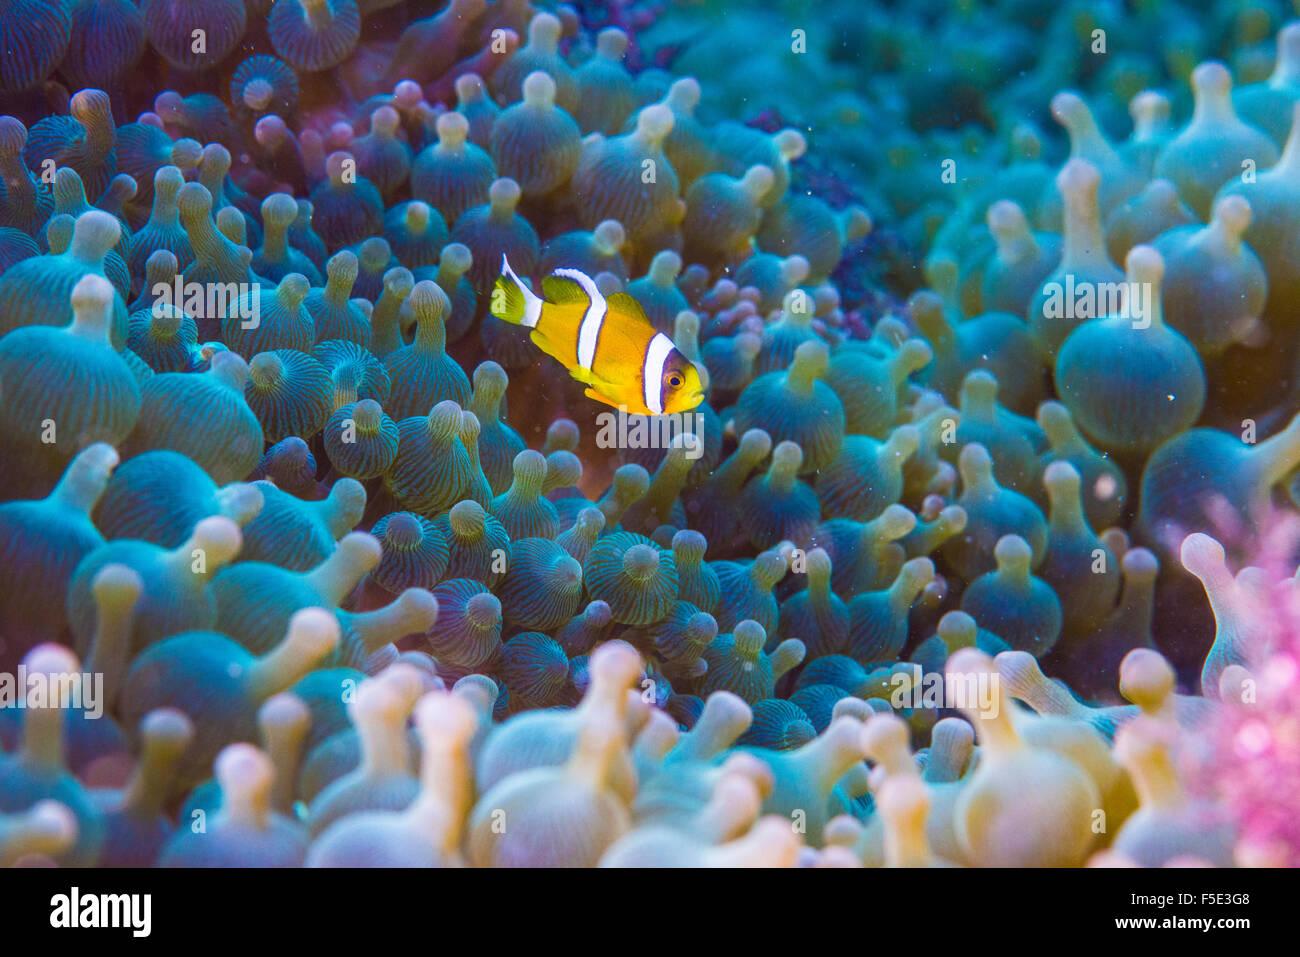 Los niños anémona pescan pez de anémona, 1cm de largo, nadando alrededor de la anémona de mar grande casa. En Kajika Owase Mie Japón Foto de stock